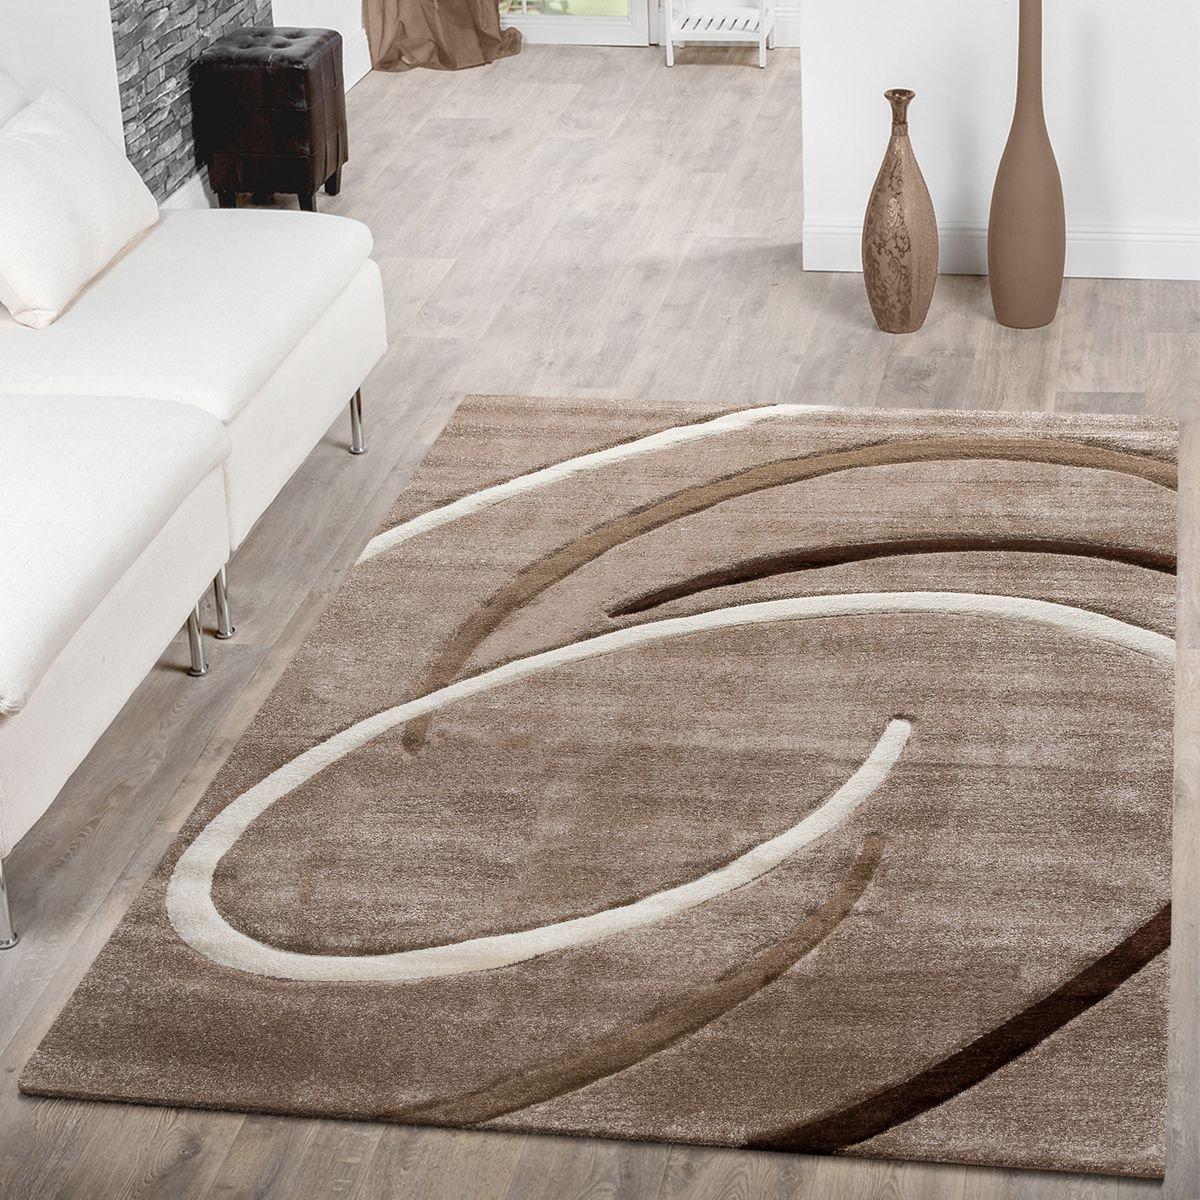 T& T Design Tappeto A Pelo Corto Per Soggiorno Moderno Ebro Con Motivo A Spirali Beige Marrone Mocca, Größe:120x170 cm